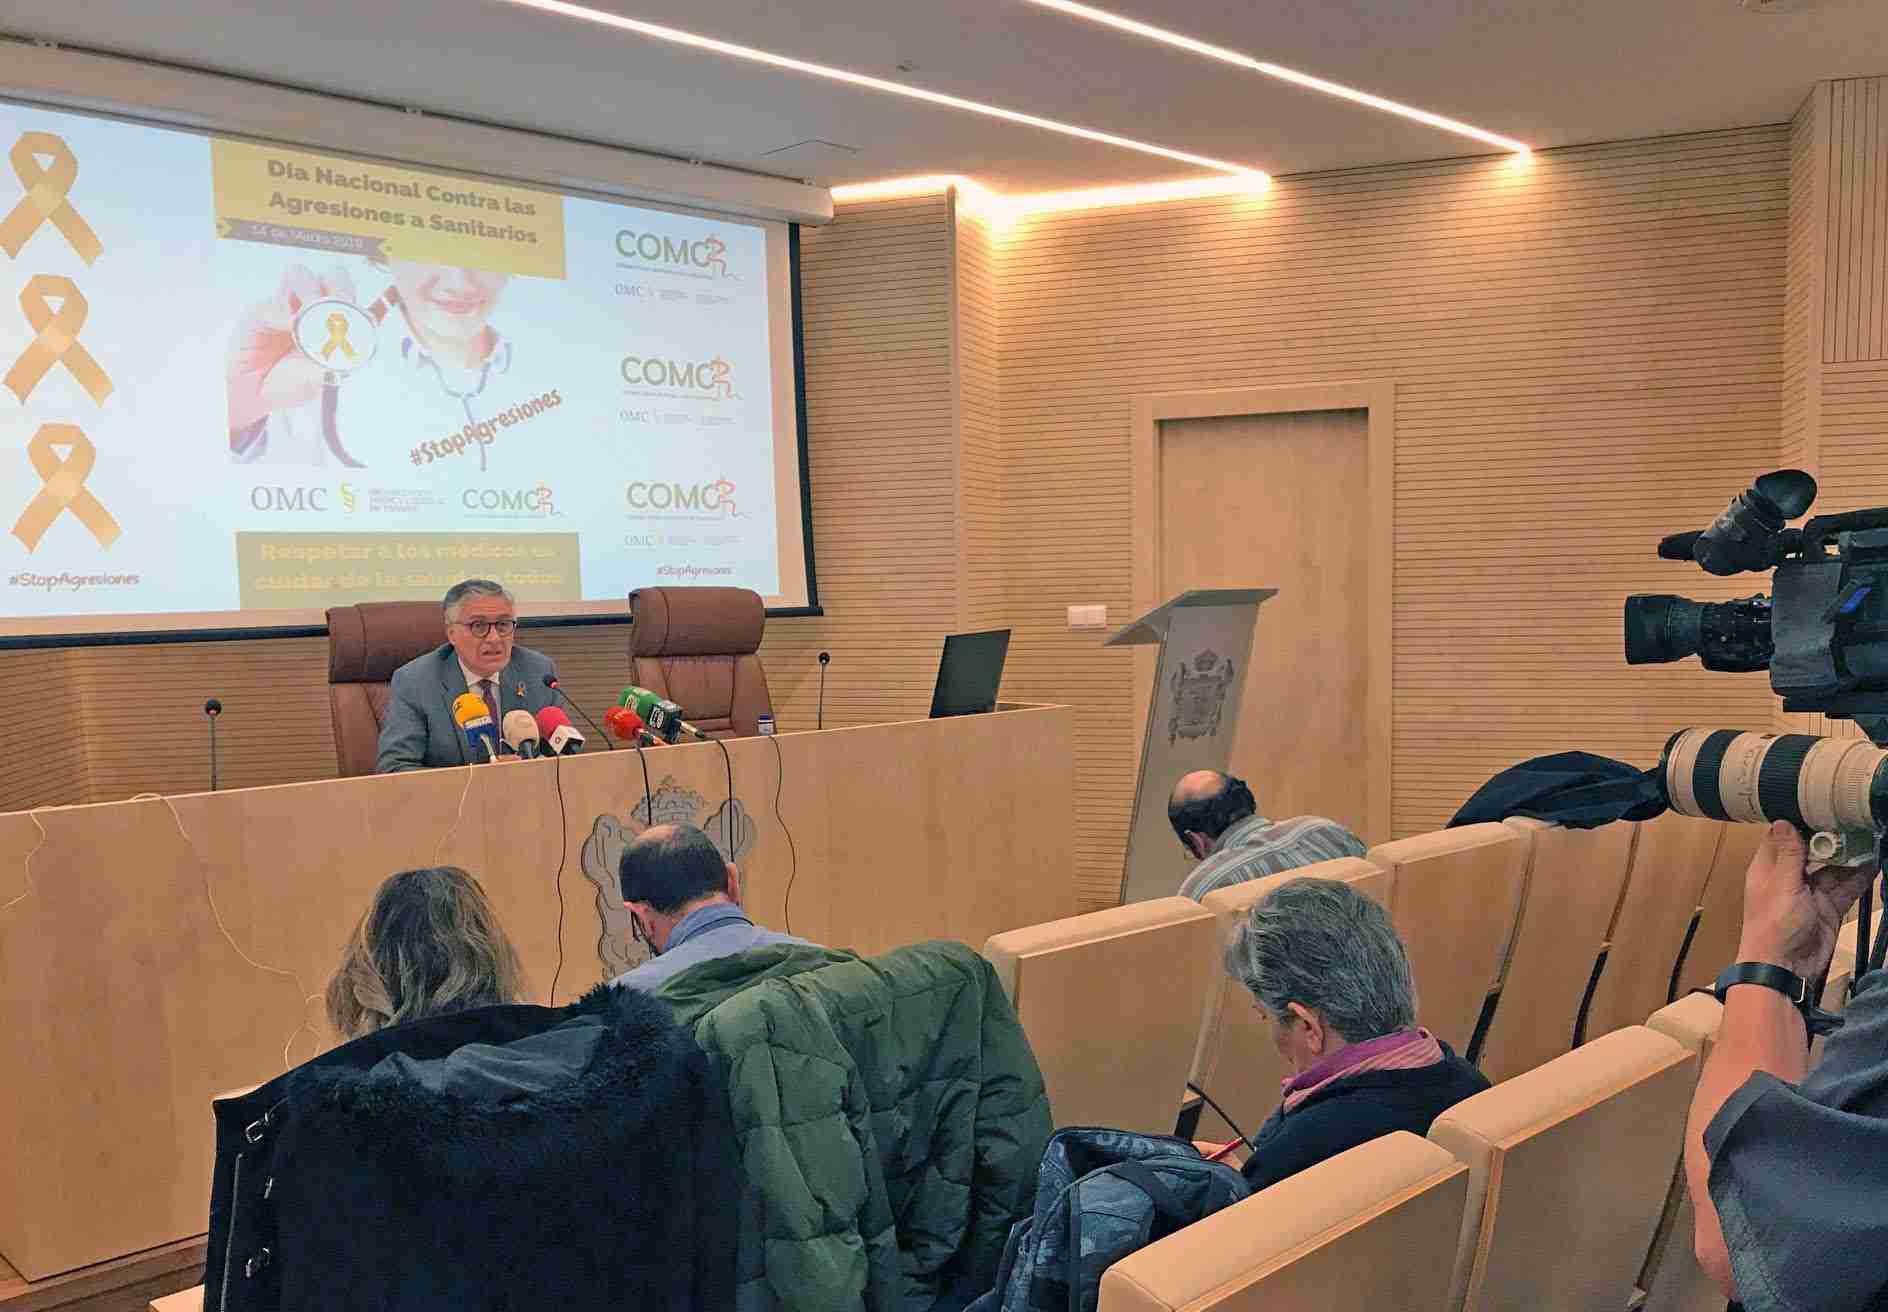 El Colegio de Médicos de Ciudad Real se suma a la conmemoración del día nacional contra agresiones 2